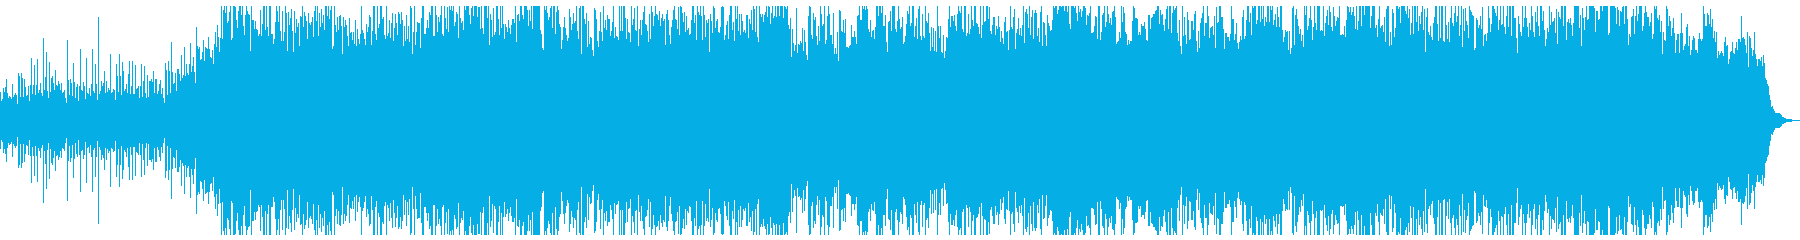 フルートによる柔らかい雰囲気のポップスの再生済みの波形